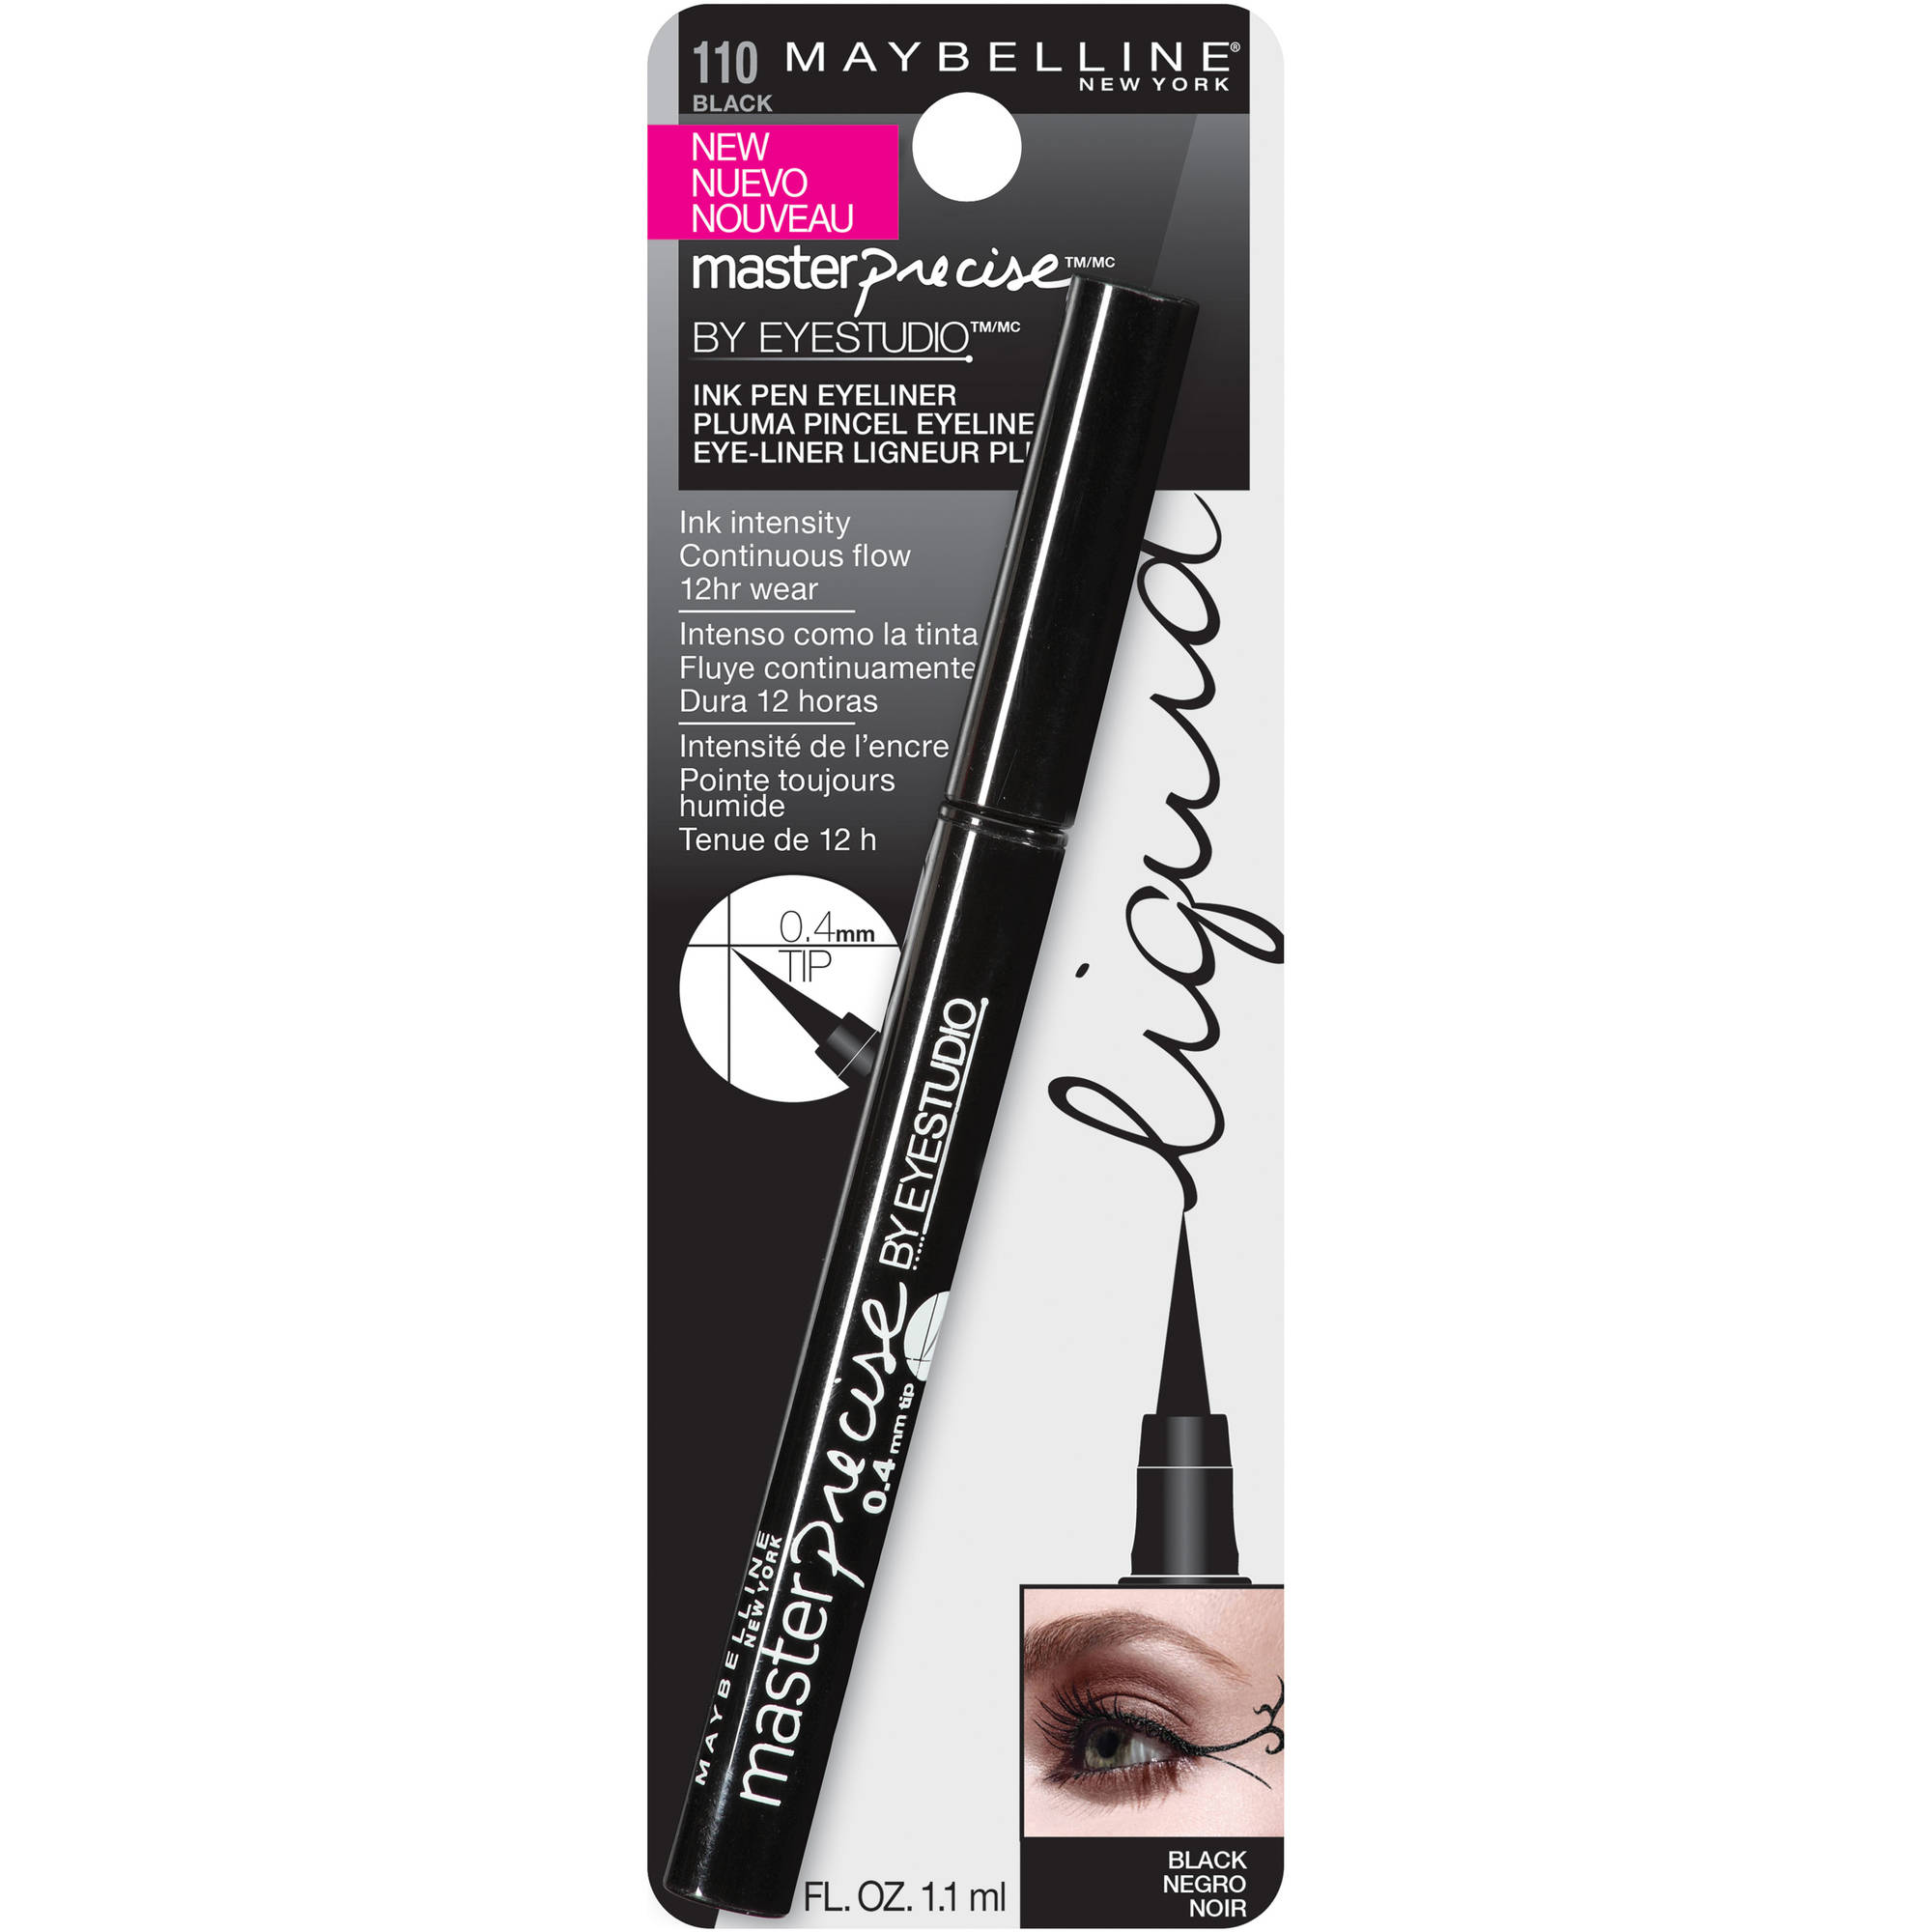 Maybelline New York Eyestudio Master Precise Ink Pen Eyeliner